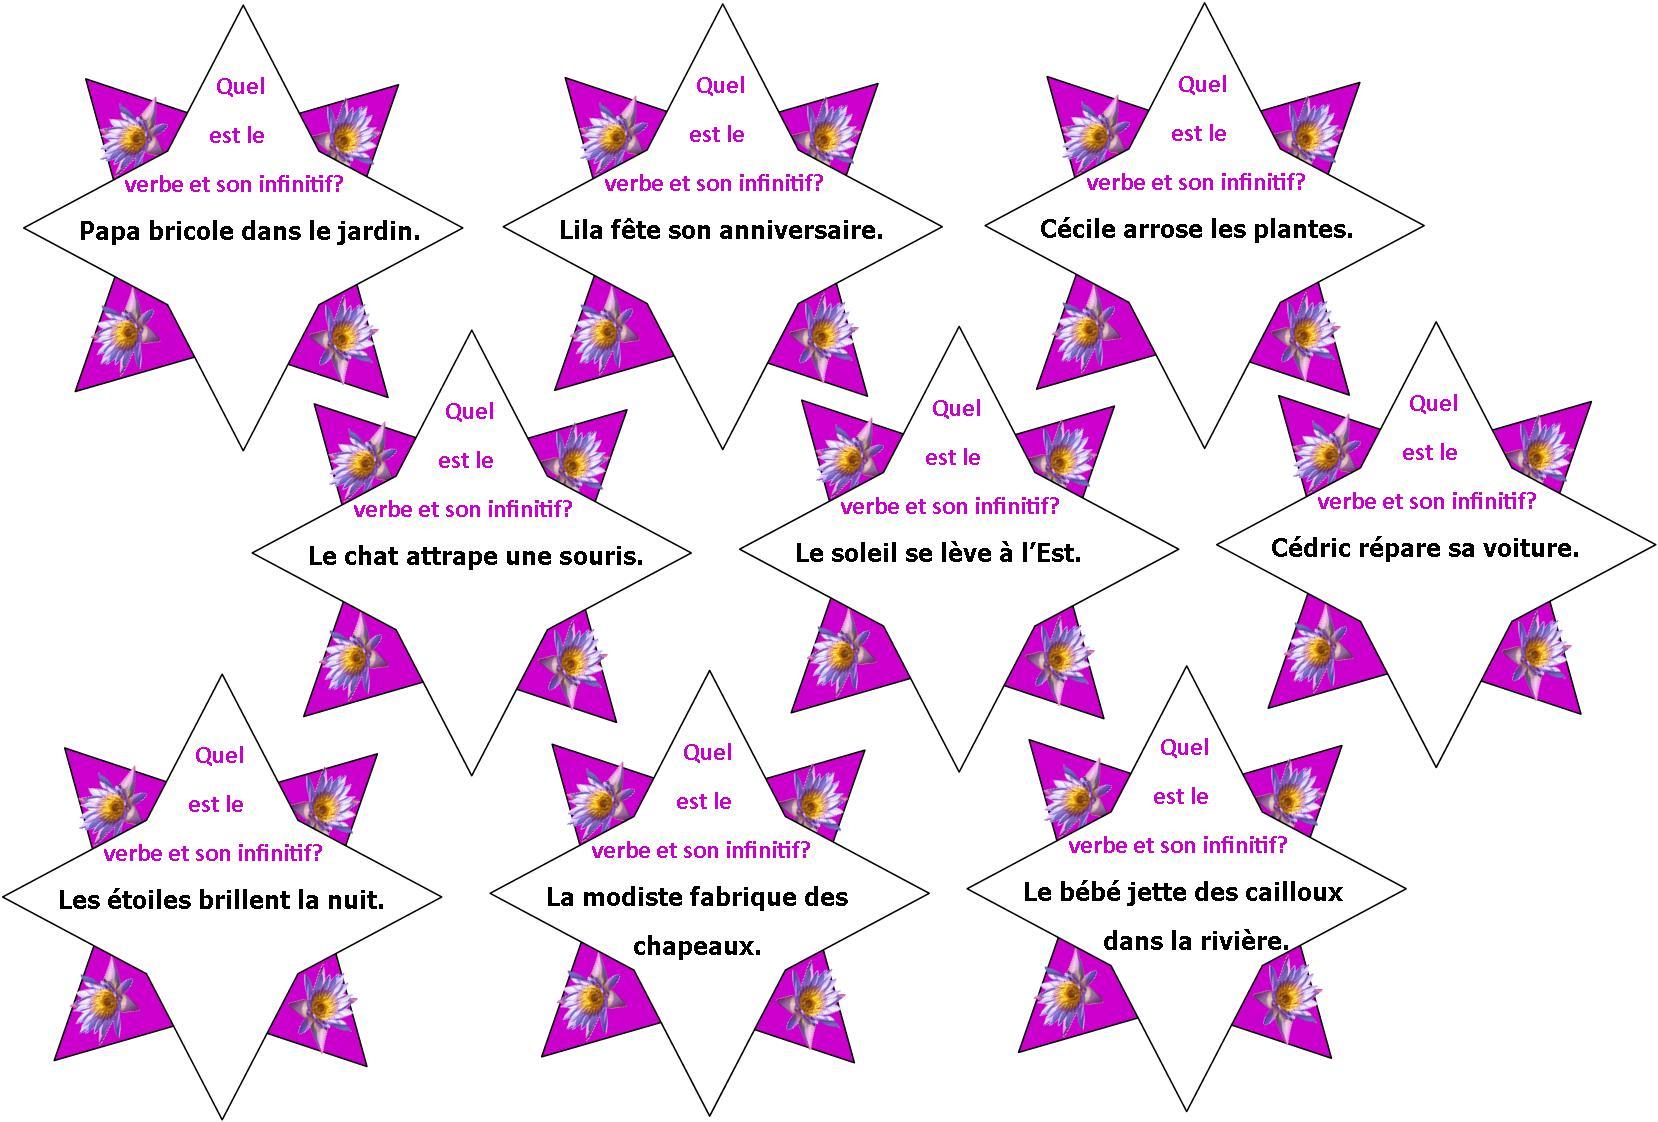 Jeu Gratuit Ce1 | Le Blog De Monsieur Mathieu encequiconcerne Jeu Educatif Ce2 Gratuit